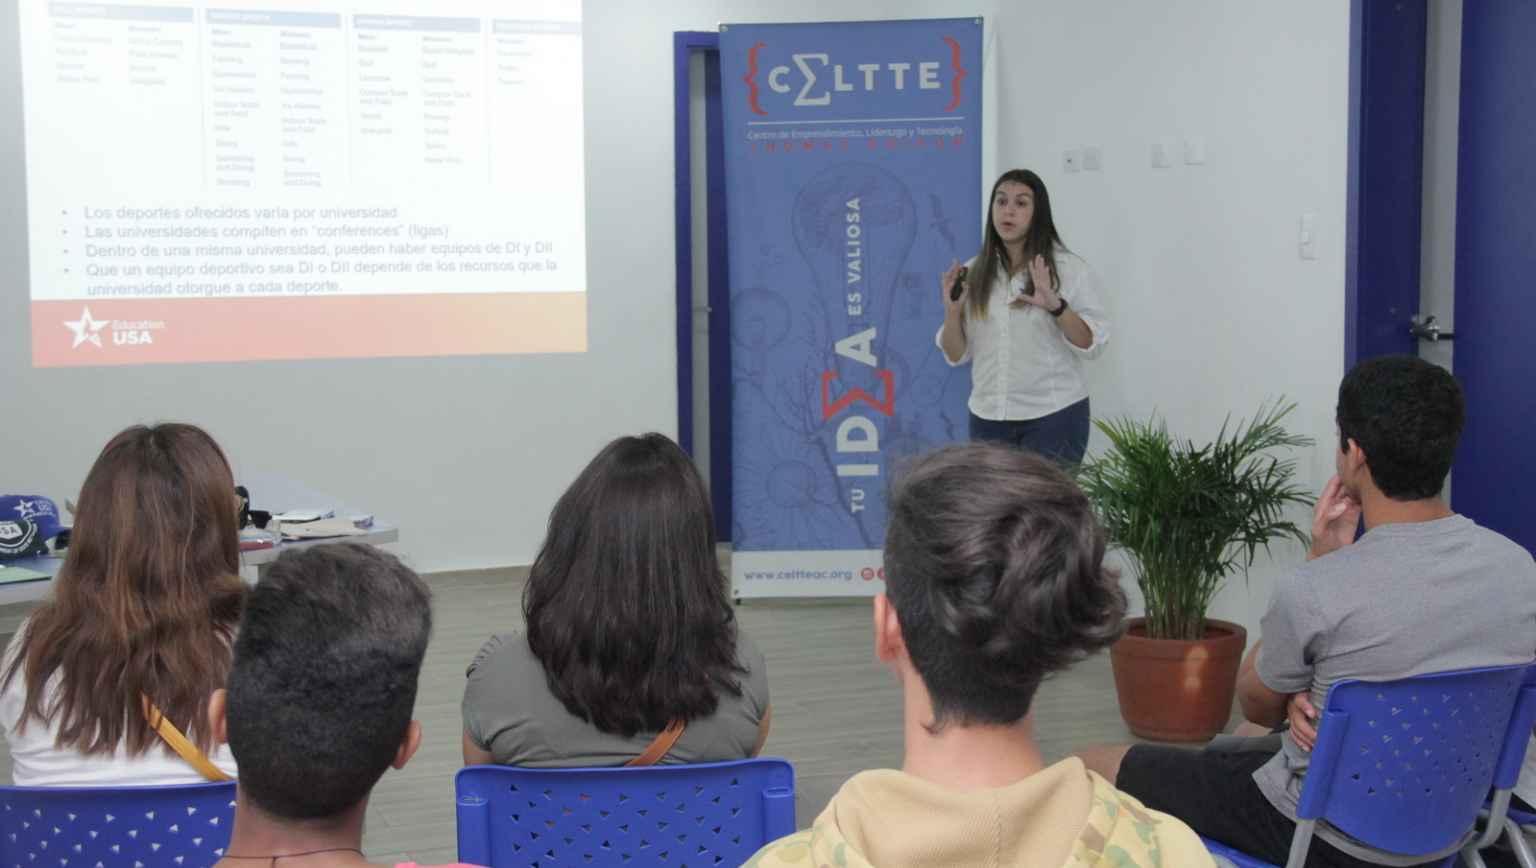 EducationUSA Caracas AVAA Outreach Activities for international students